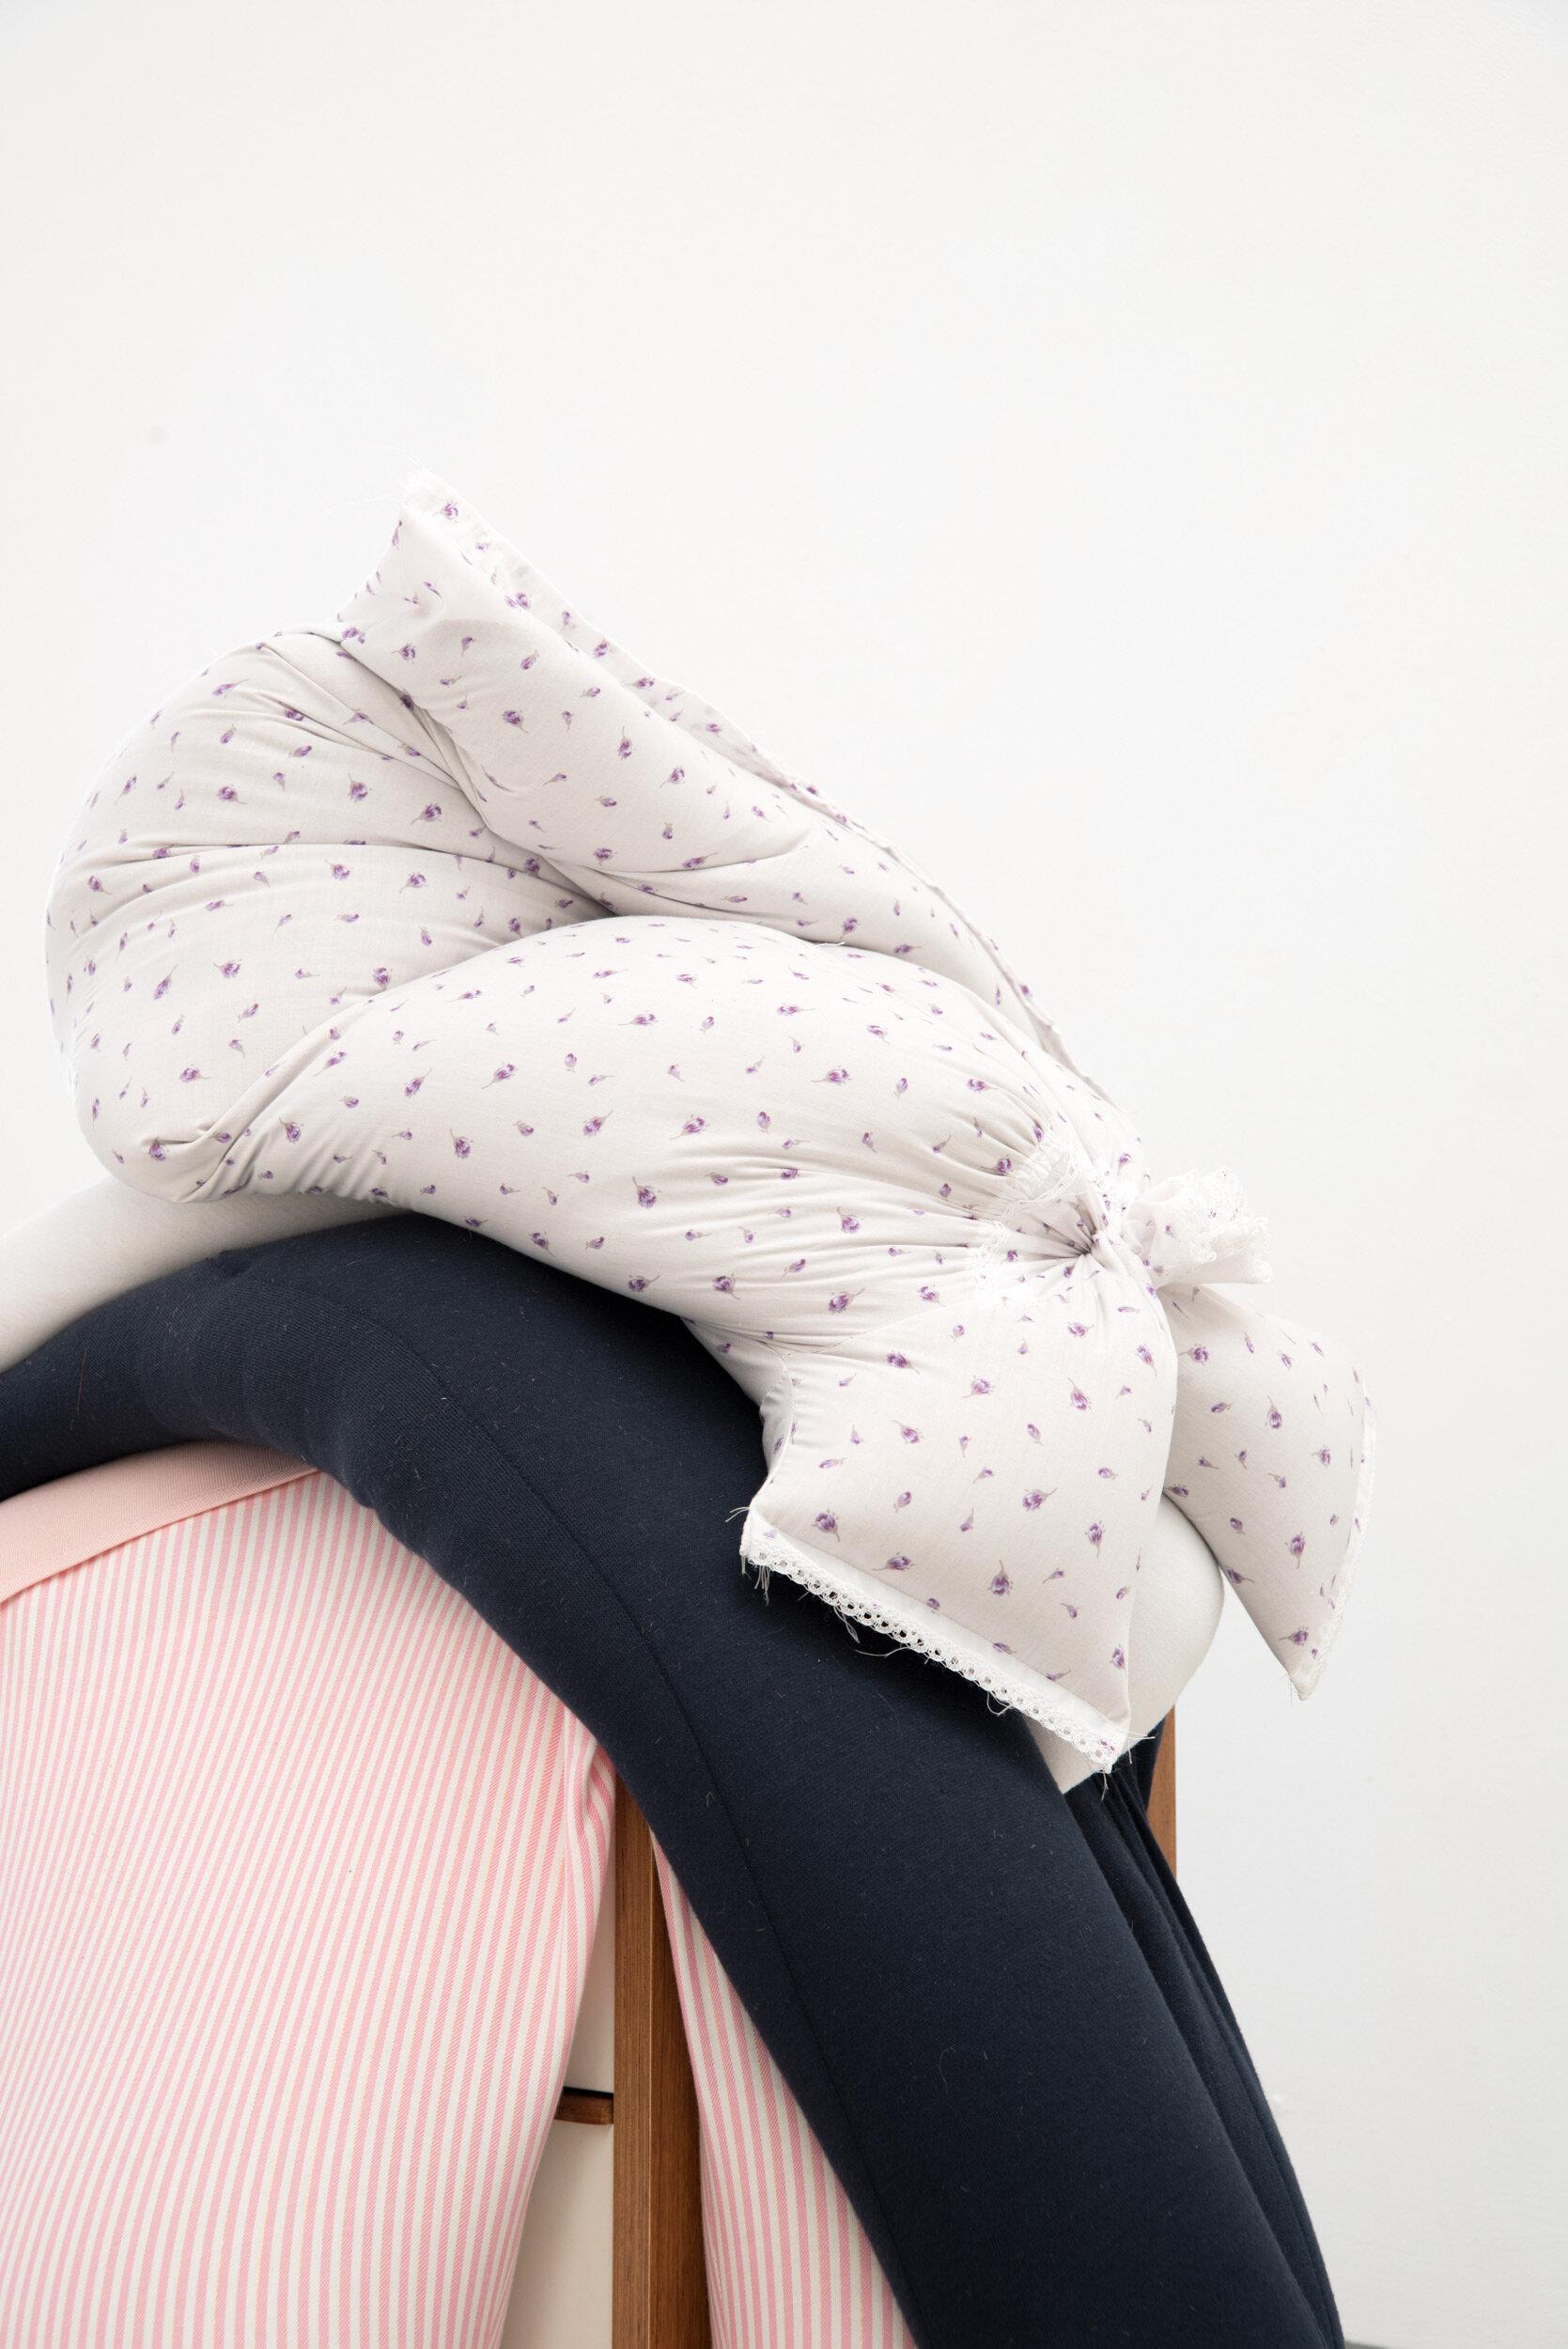 Fall, slump, drop on a bedside cabinet in water, Detail View, Alex Farrar, Bloc Projects, 2019, 1.jpg